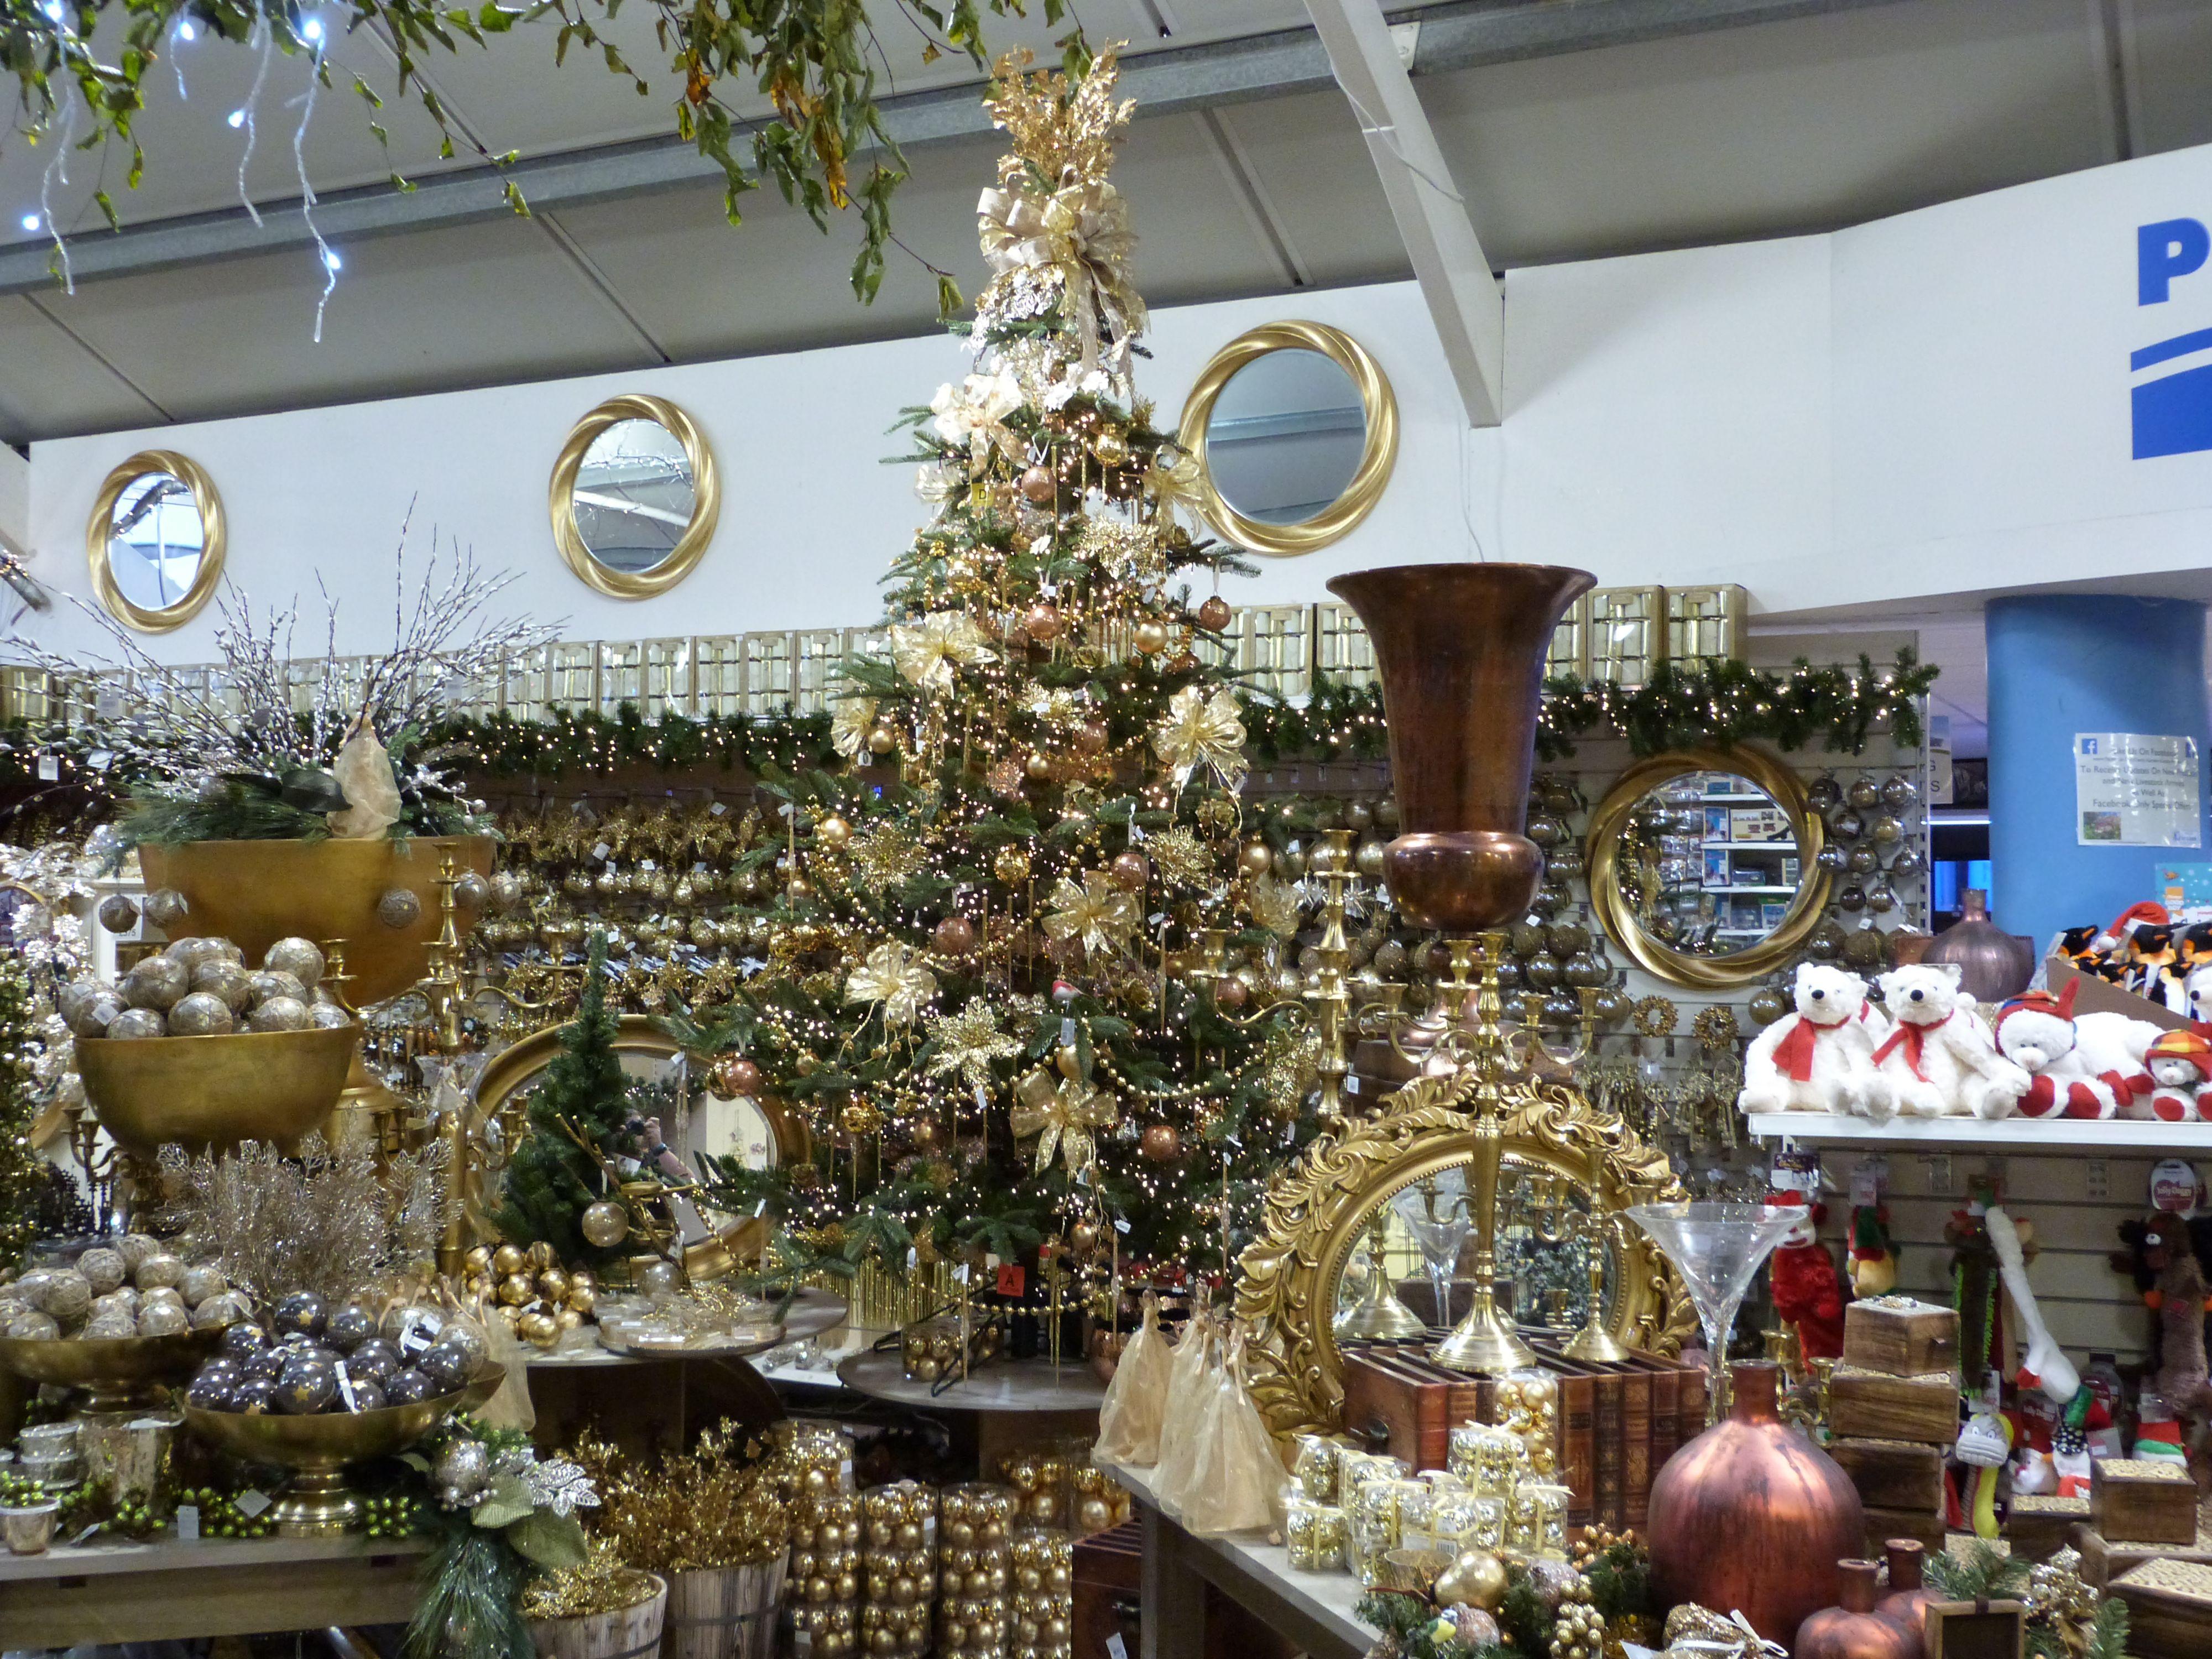 Gold Display At Derby Garden Centre Garden Center Holiday Decor Christmas Tree